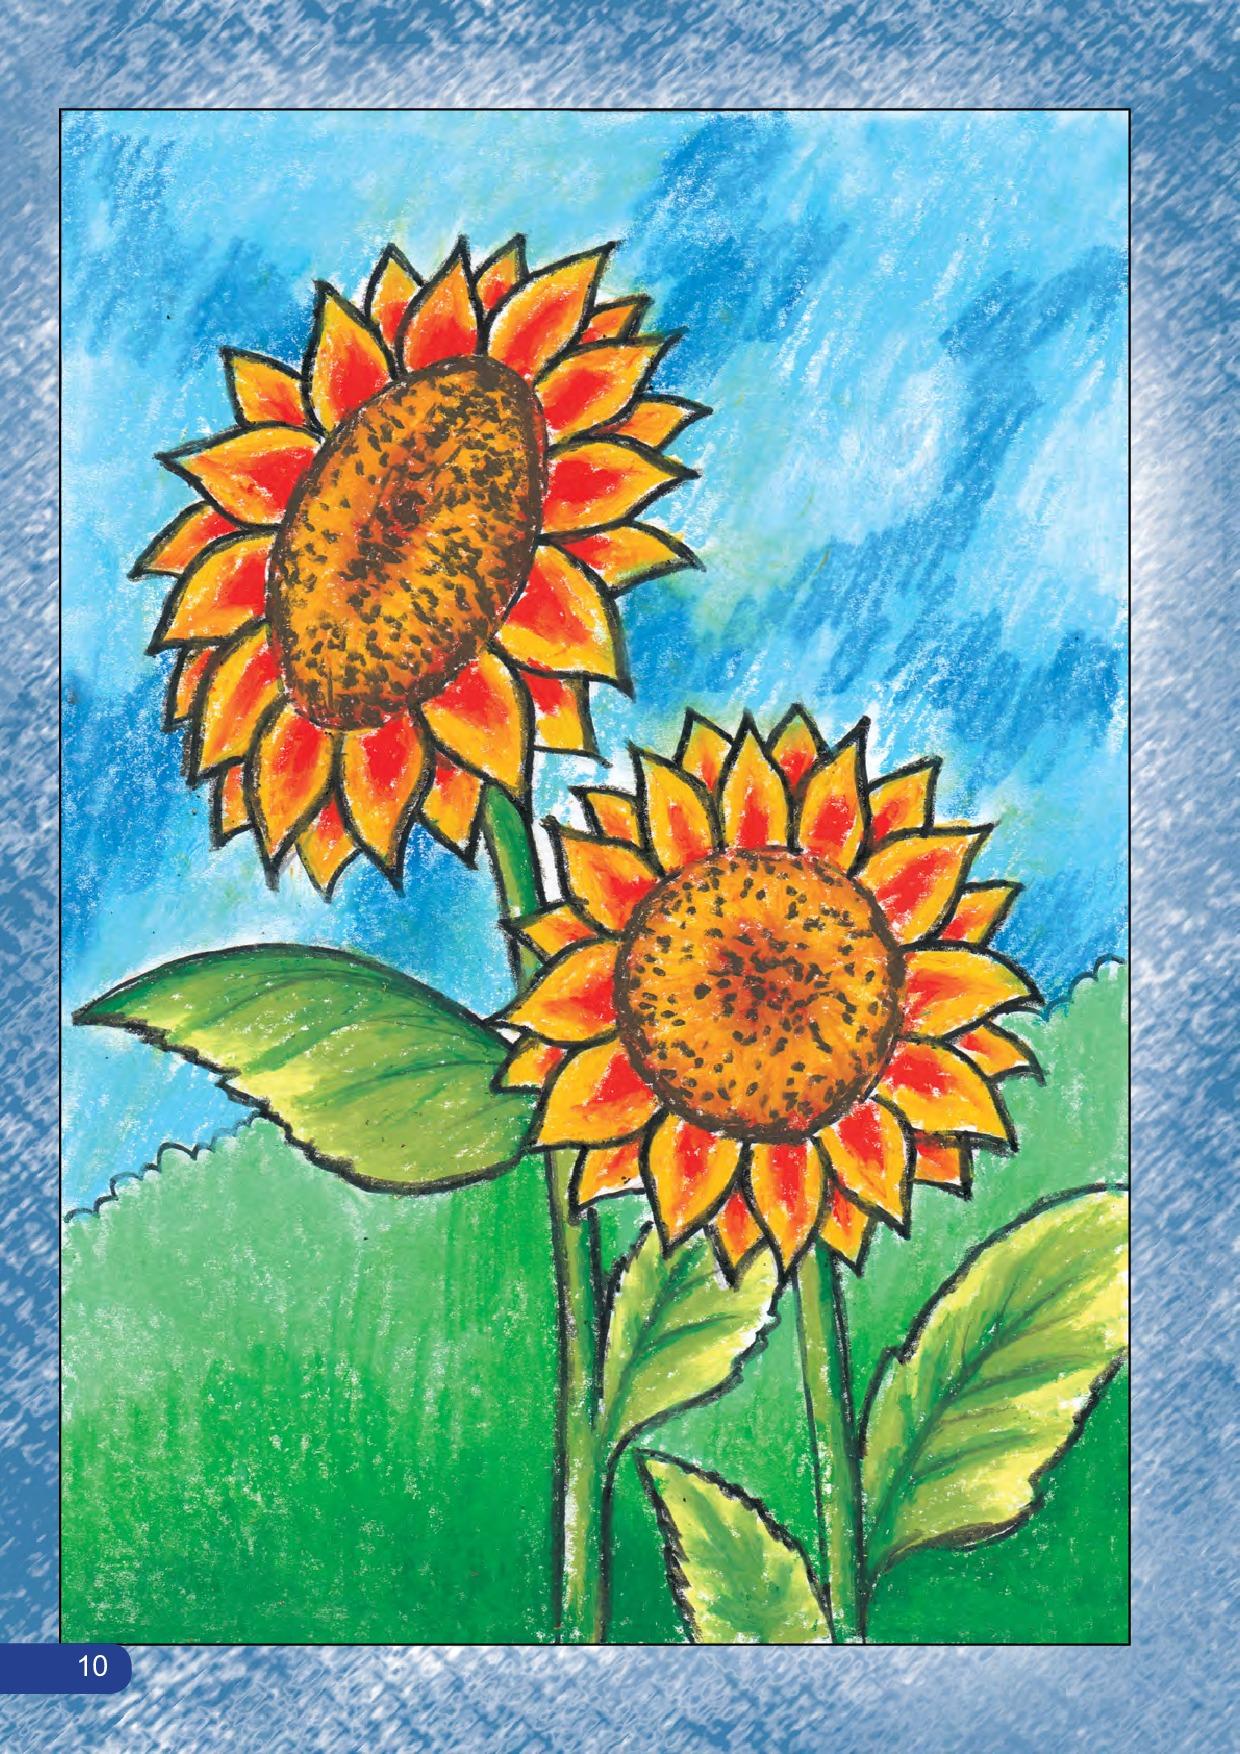 Jual Buku Belajar Menggambar Dan Mewarnai Bunga Dengan Oil